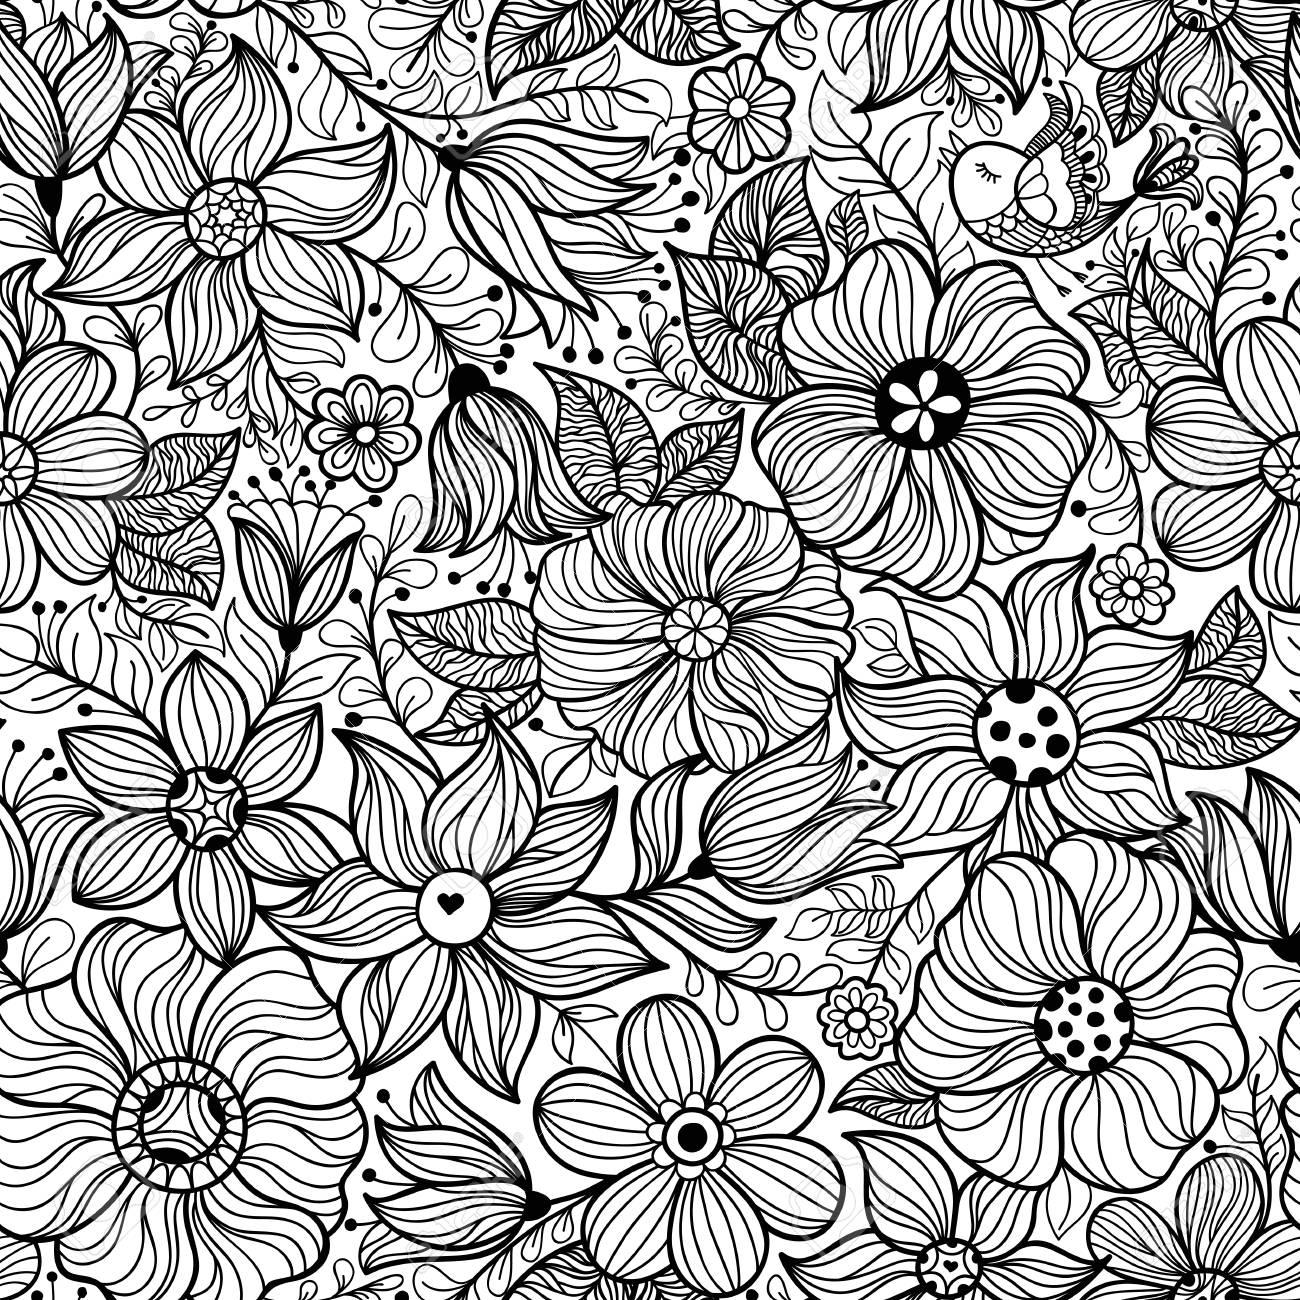 Papier Peint Pour Bureau vector seamless vintage avec fleur. peut être utilisé pour le papier peint  de bureau ou cadre pour une tenture murale ou une affiche, pour des motifs